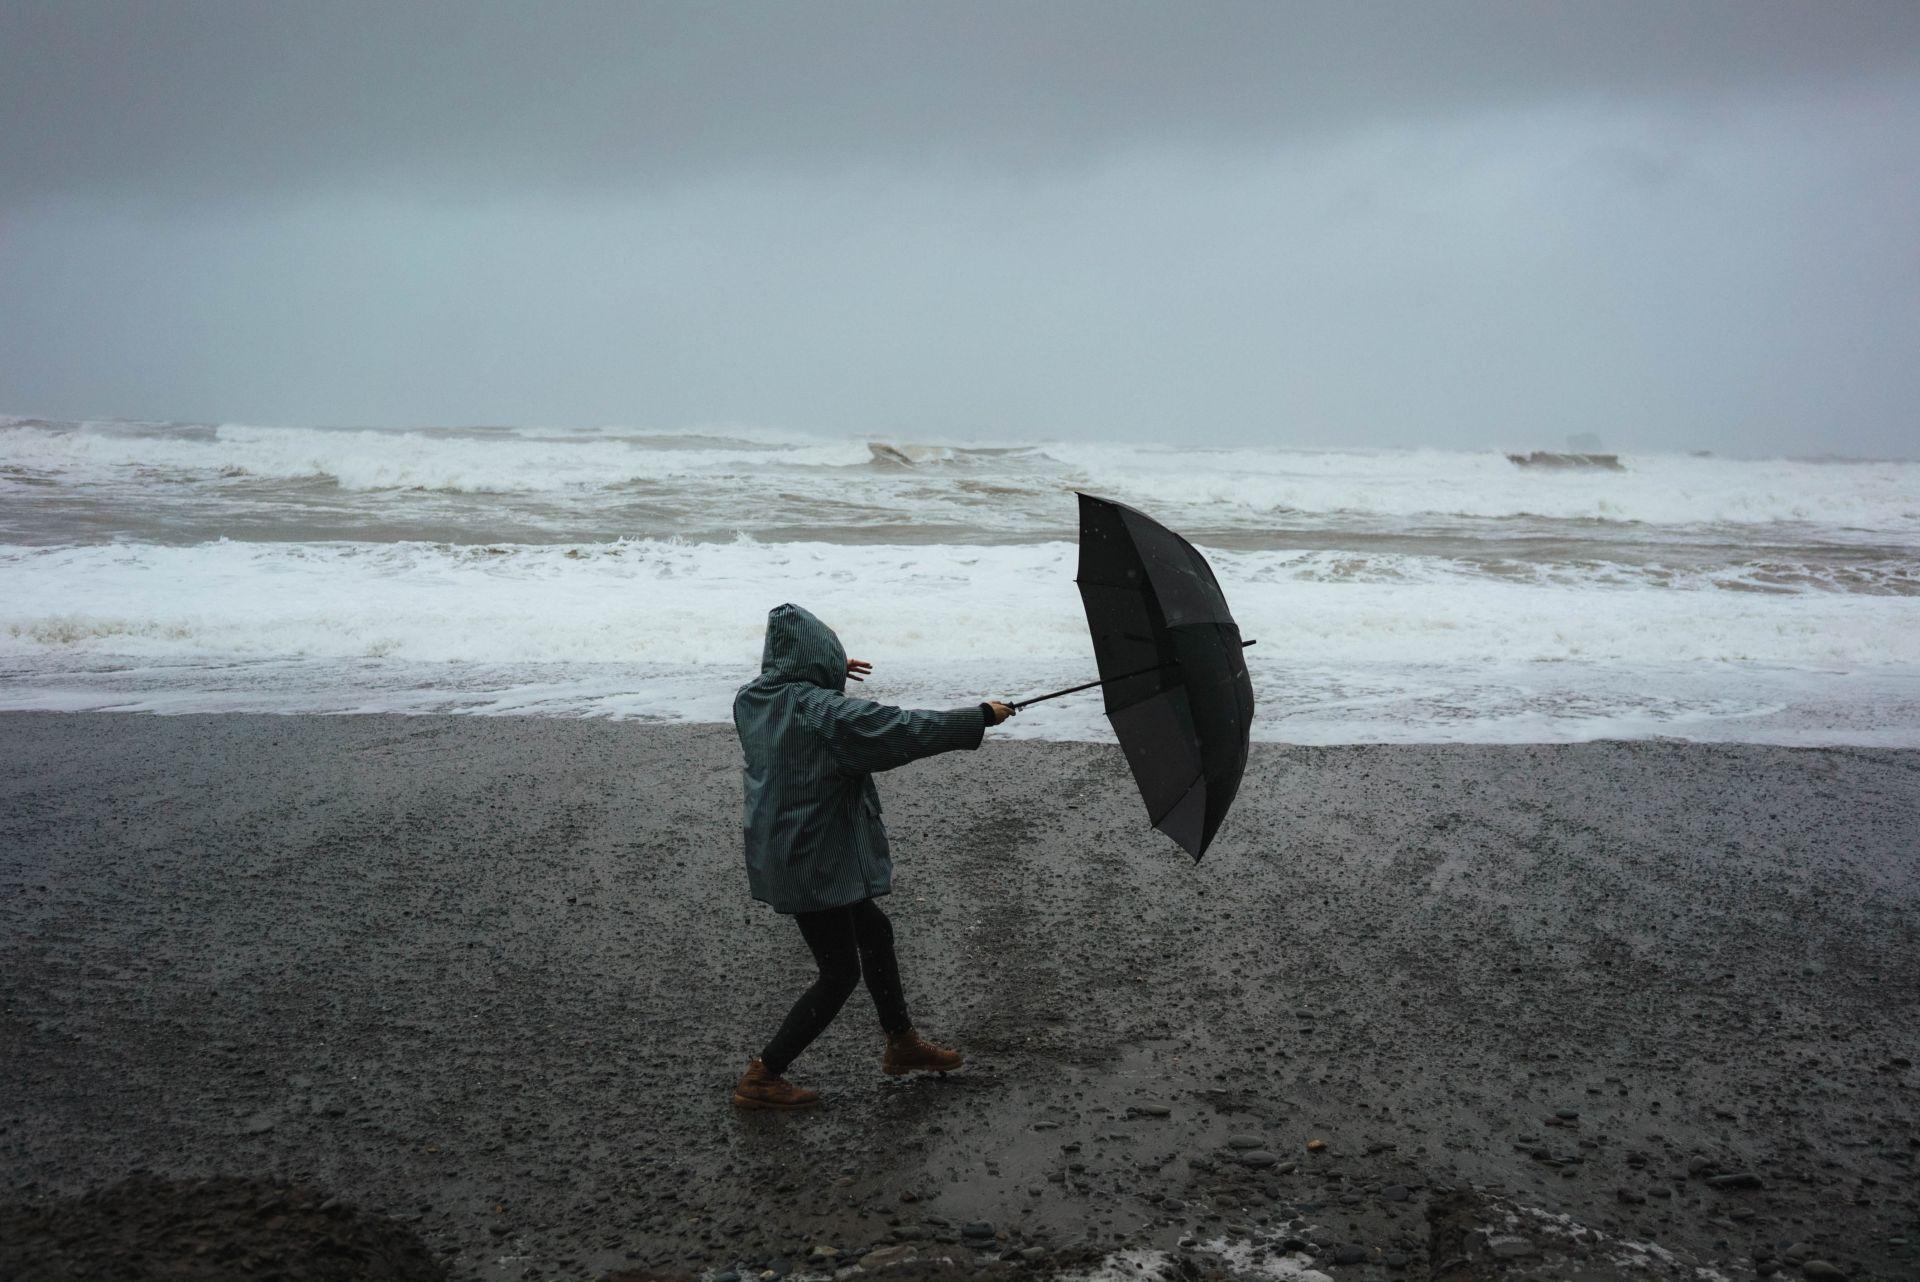 rainy day at beach